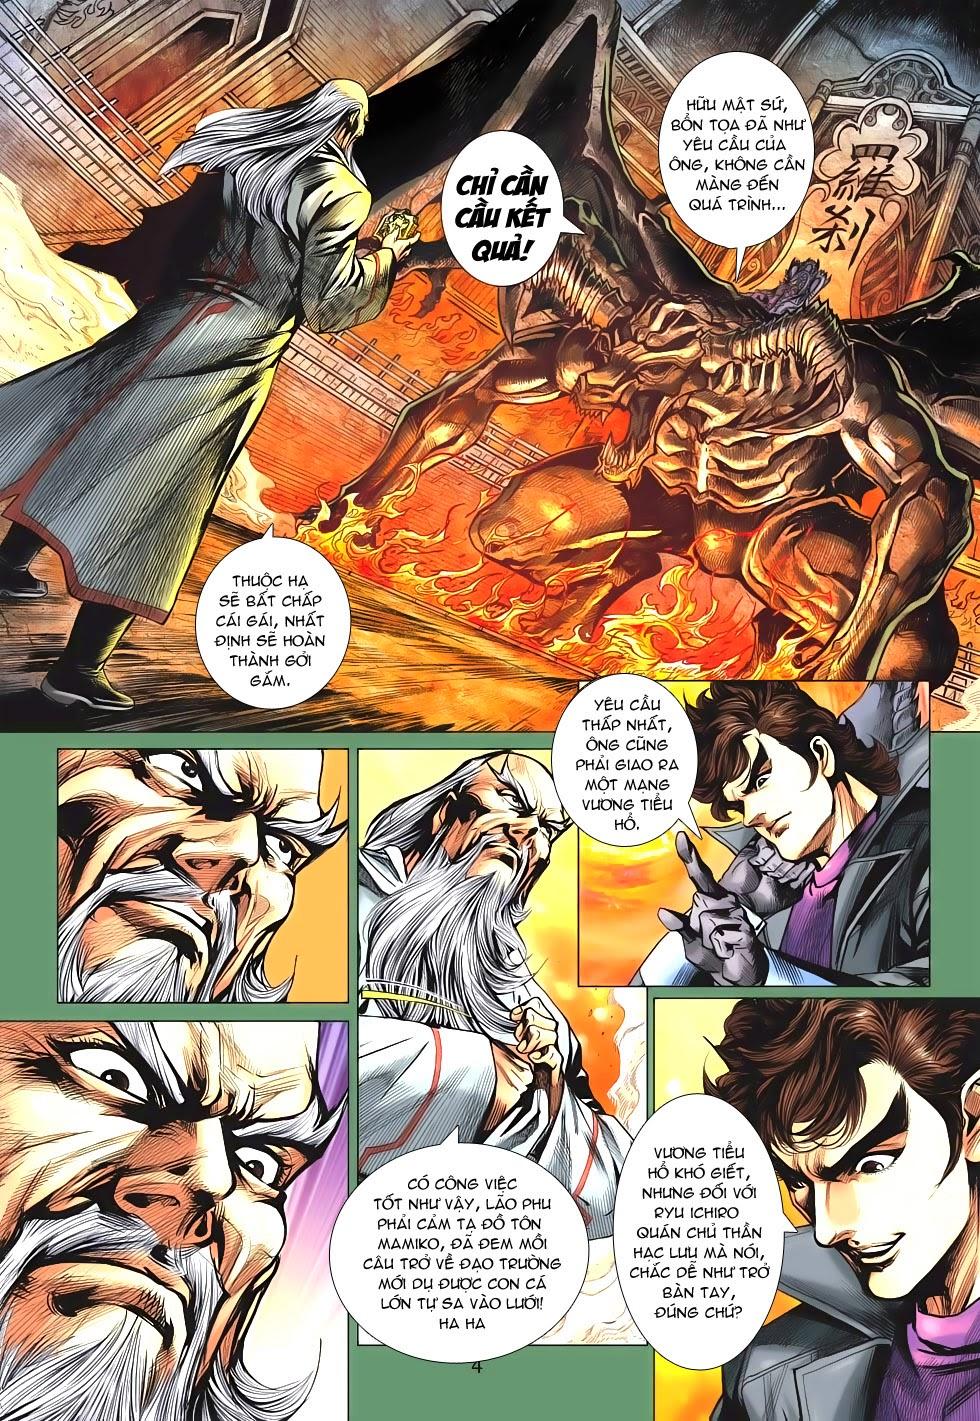 Tân Tác Long Hổ Môn chap 643 - Trang 4